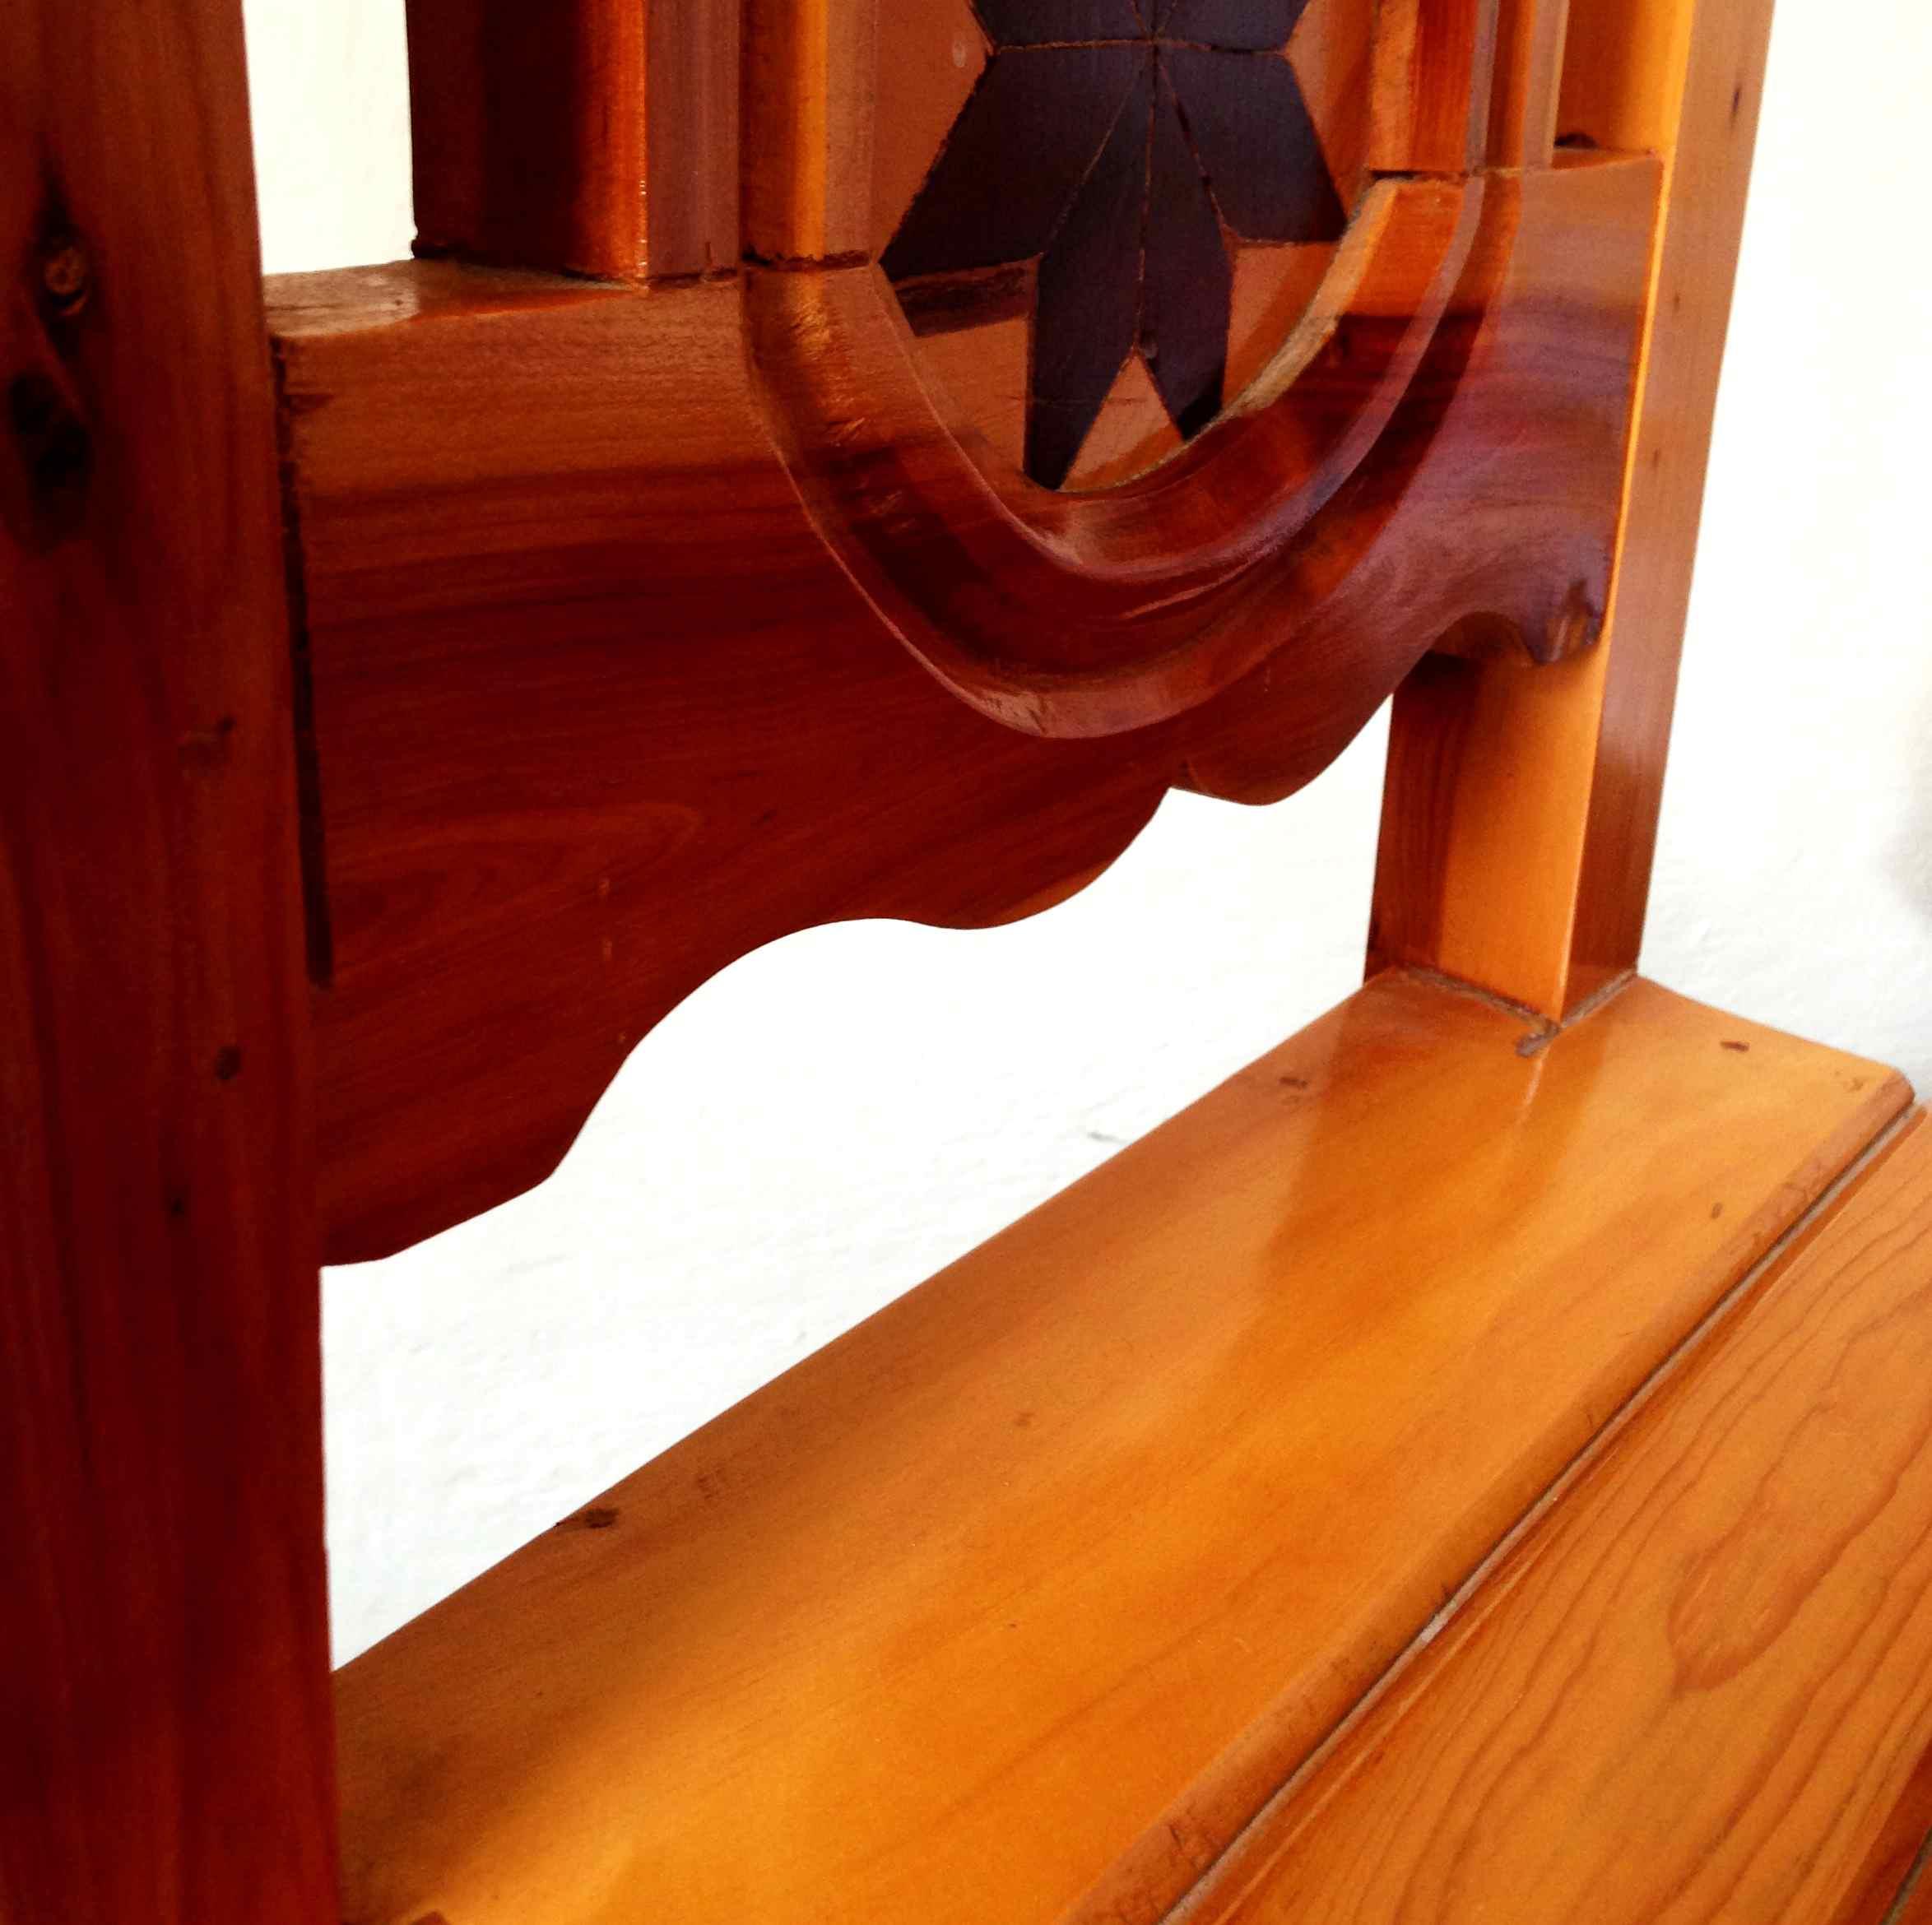 Limpieza de muebles de madera gallery of el saber popular est lleno de trucos de limpieza de - Limpieza de muebles de madera ...